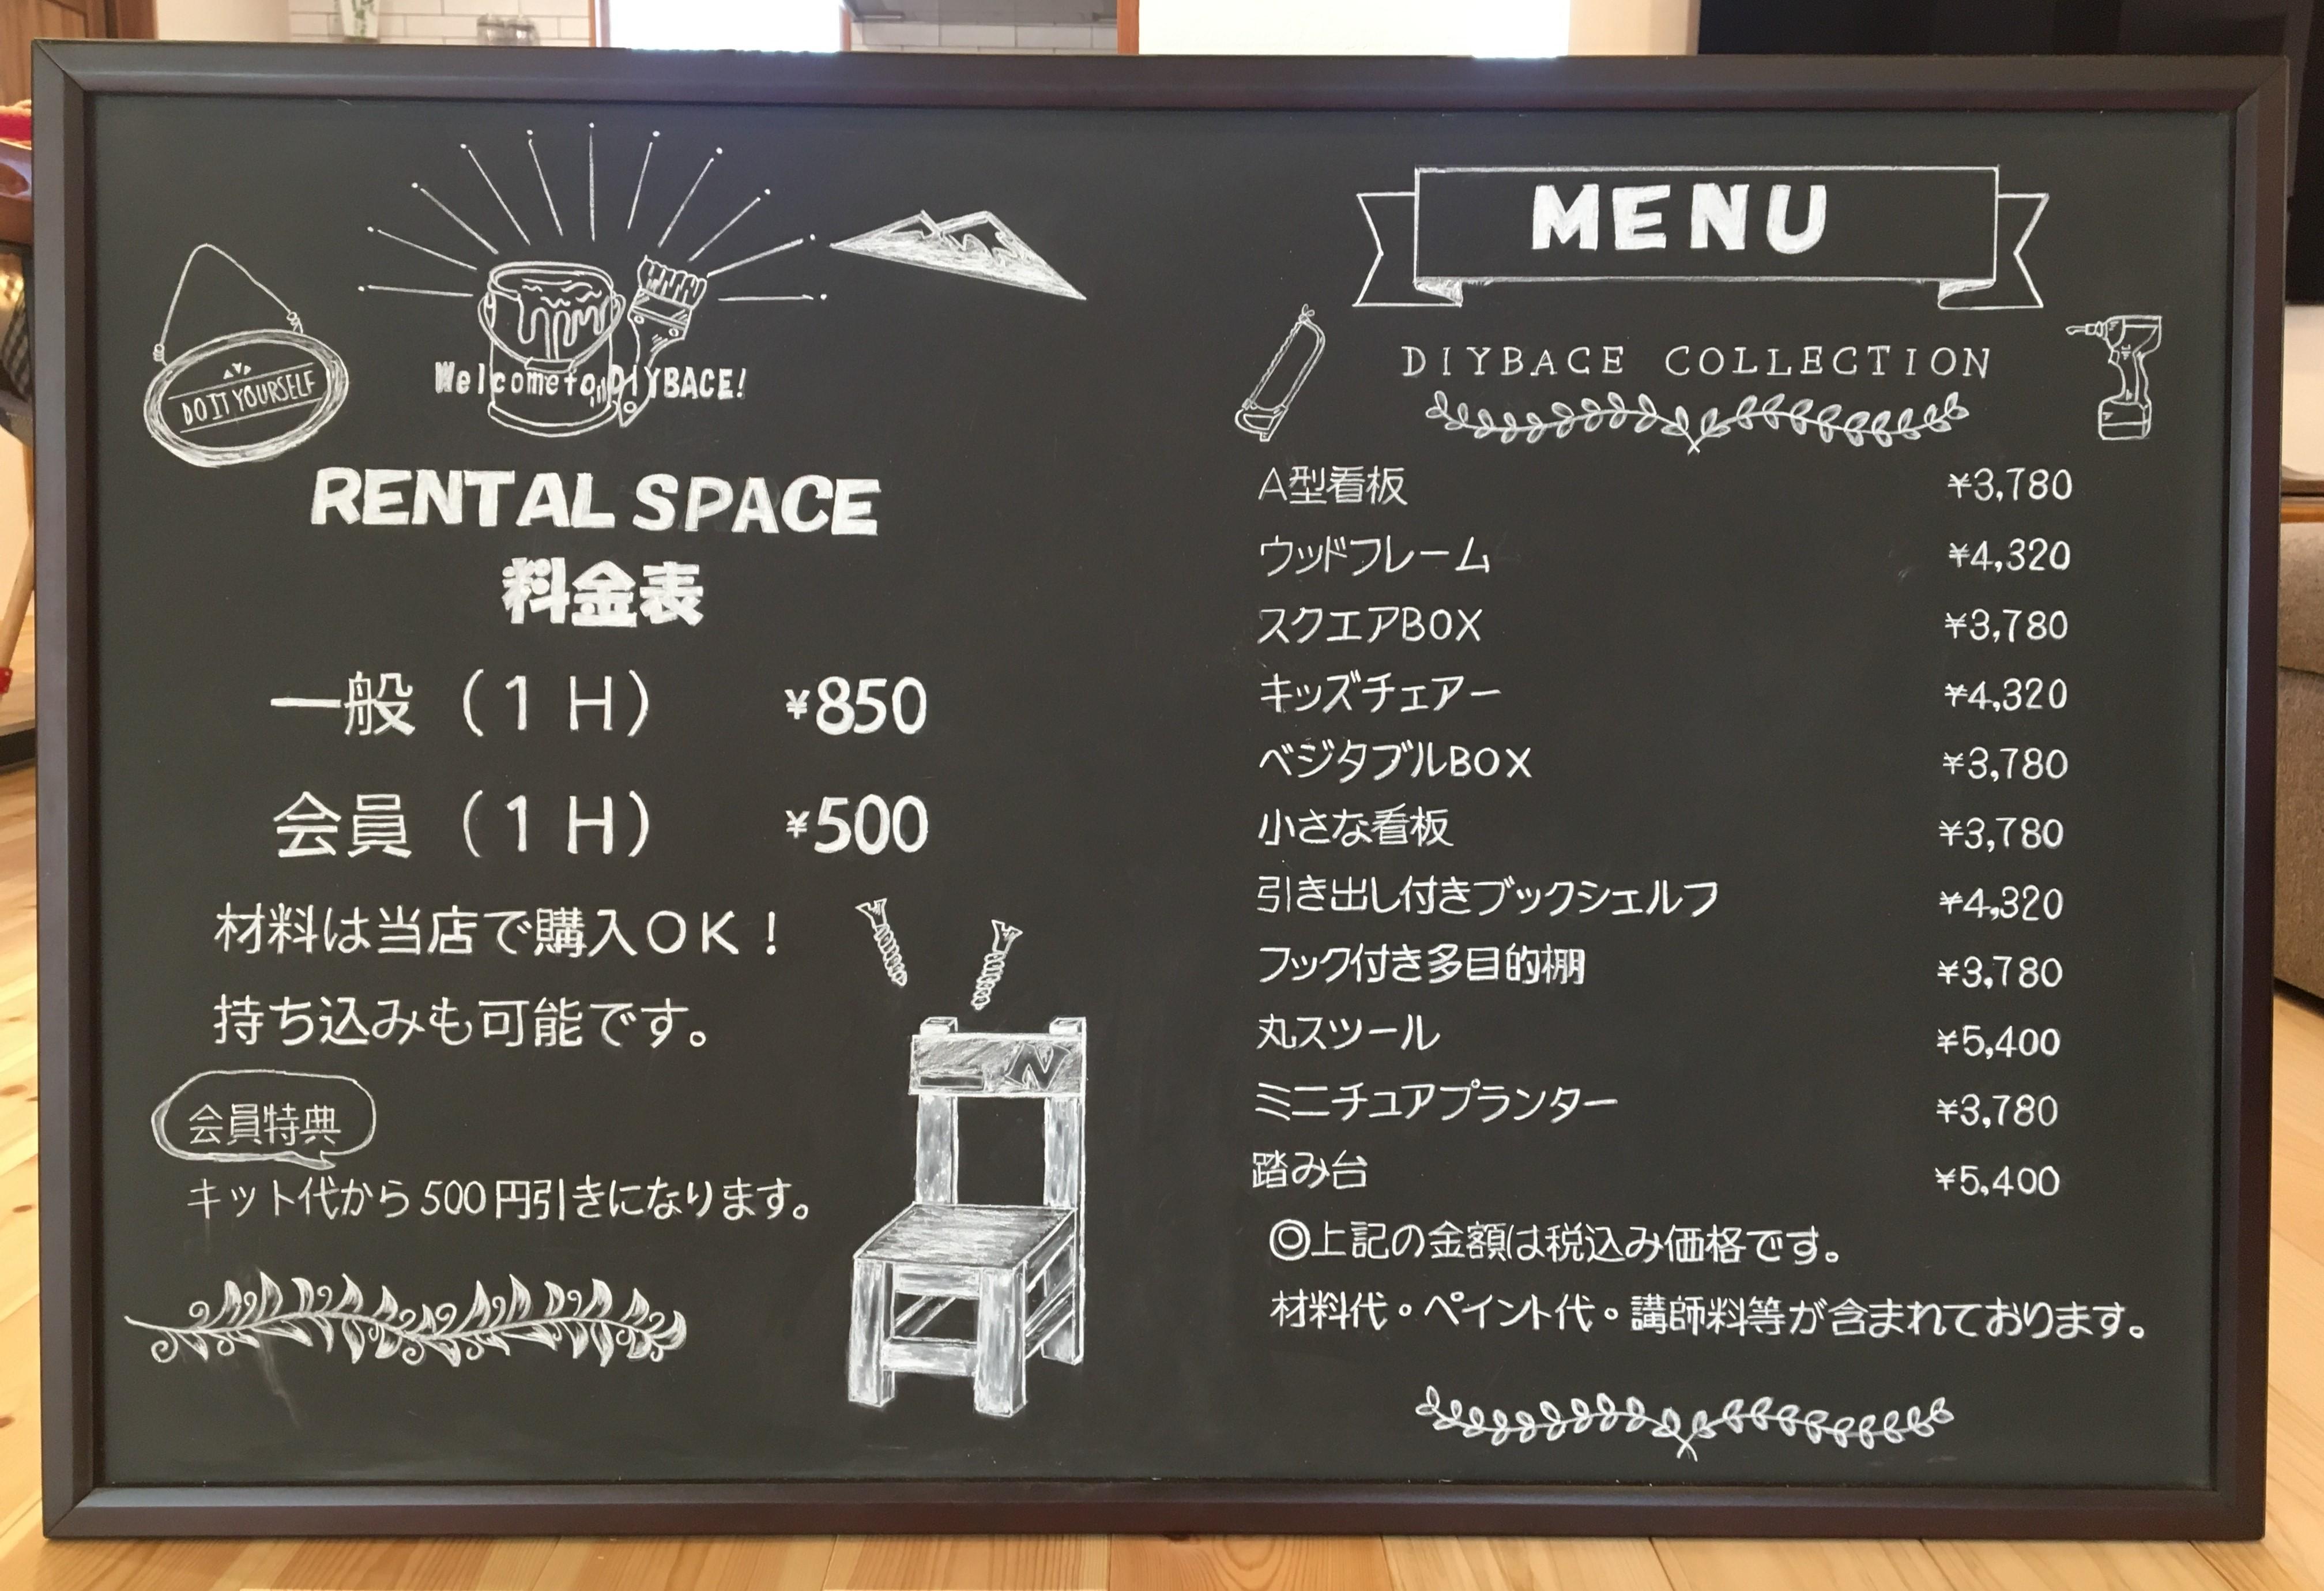 イベント報告 in DIYBASE塩尻松本